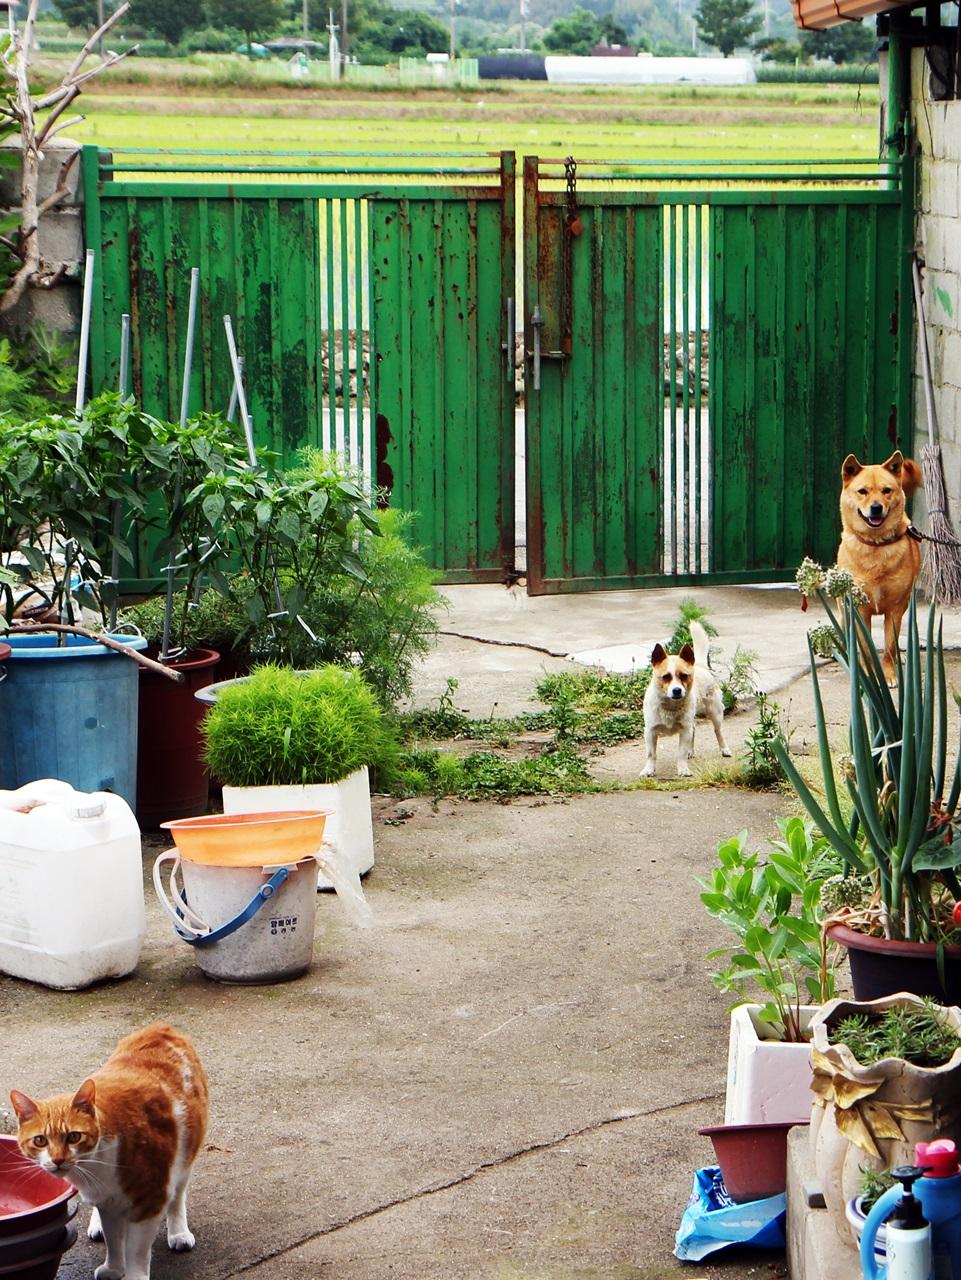 시골집 마당에서 노는 마루와 진순이와 또또. 깜실이는 안방을 독차지 하고 있다.